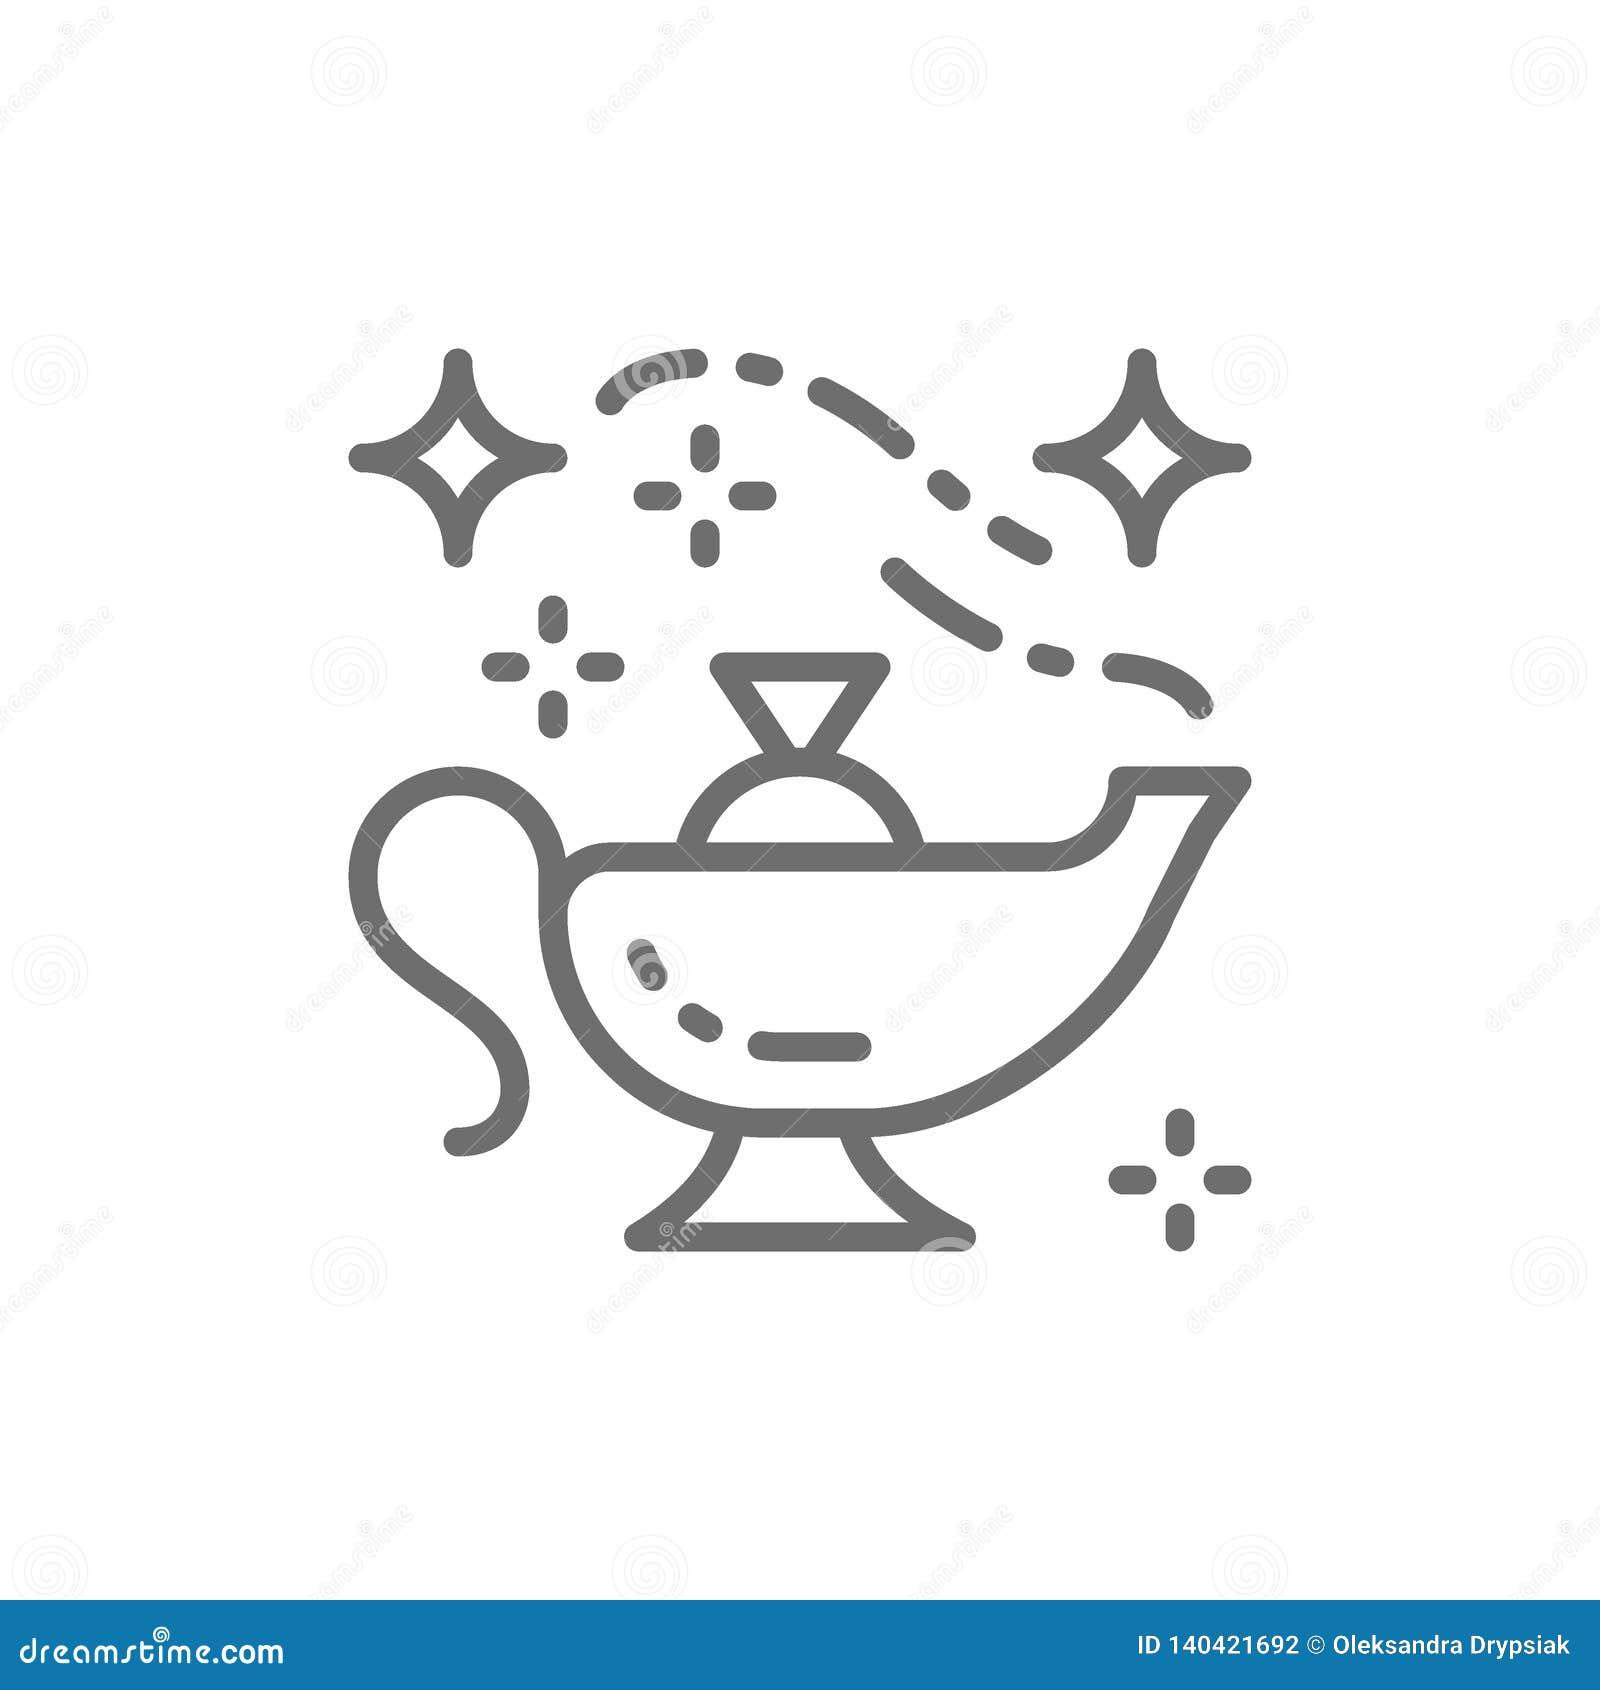 Orientalische Wunderlampe, Aladdin-Schifflinie Ikone